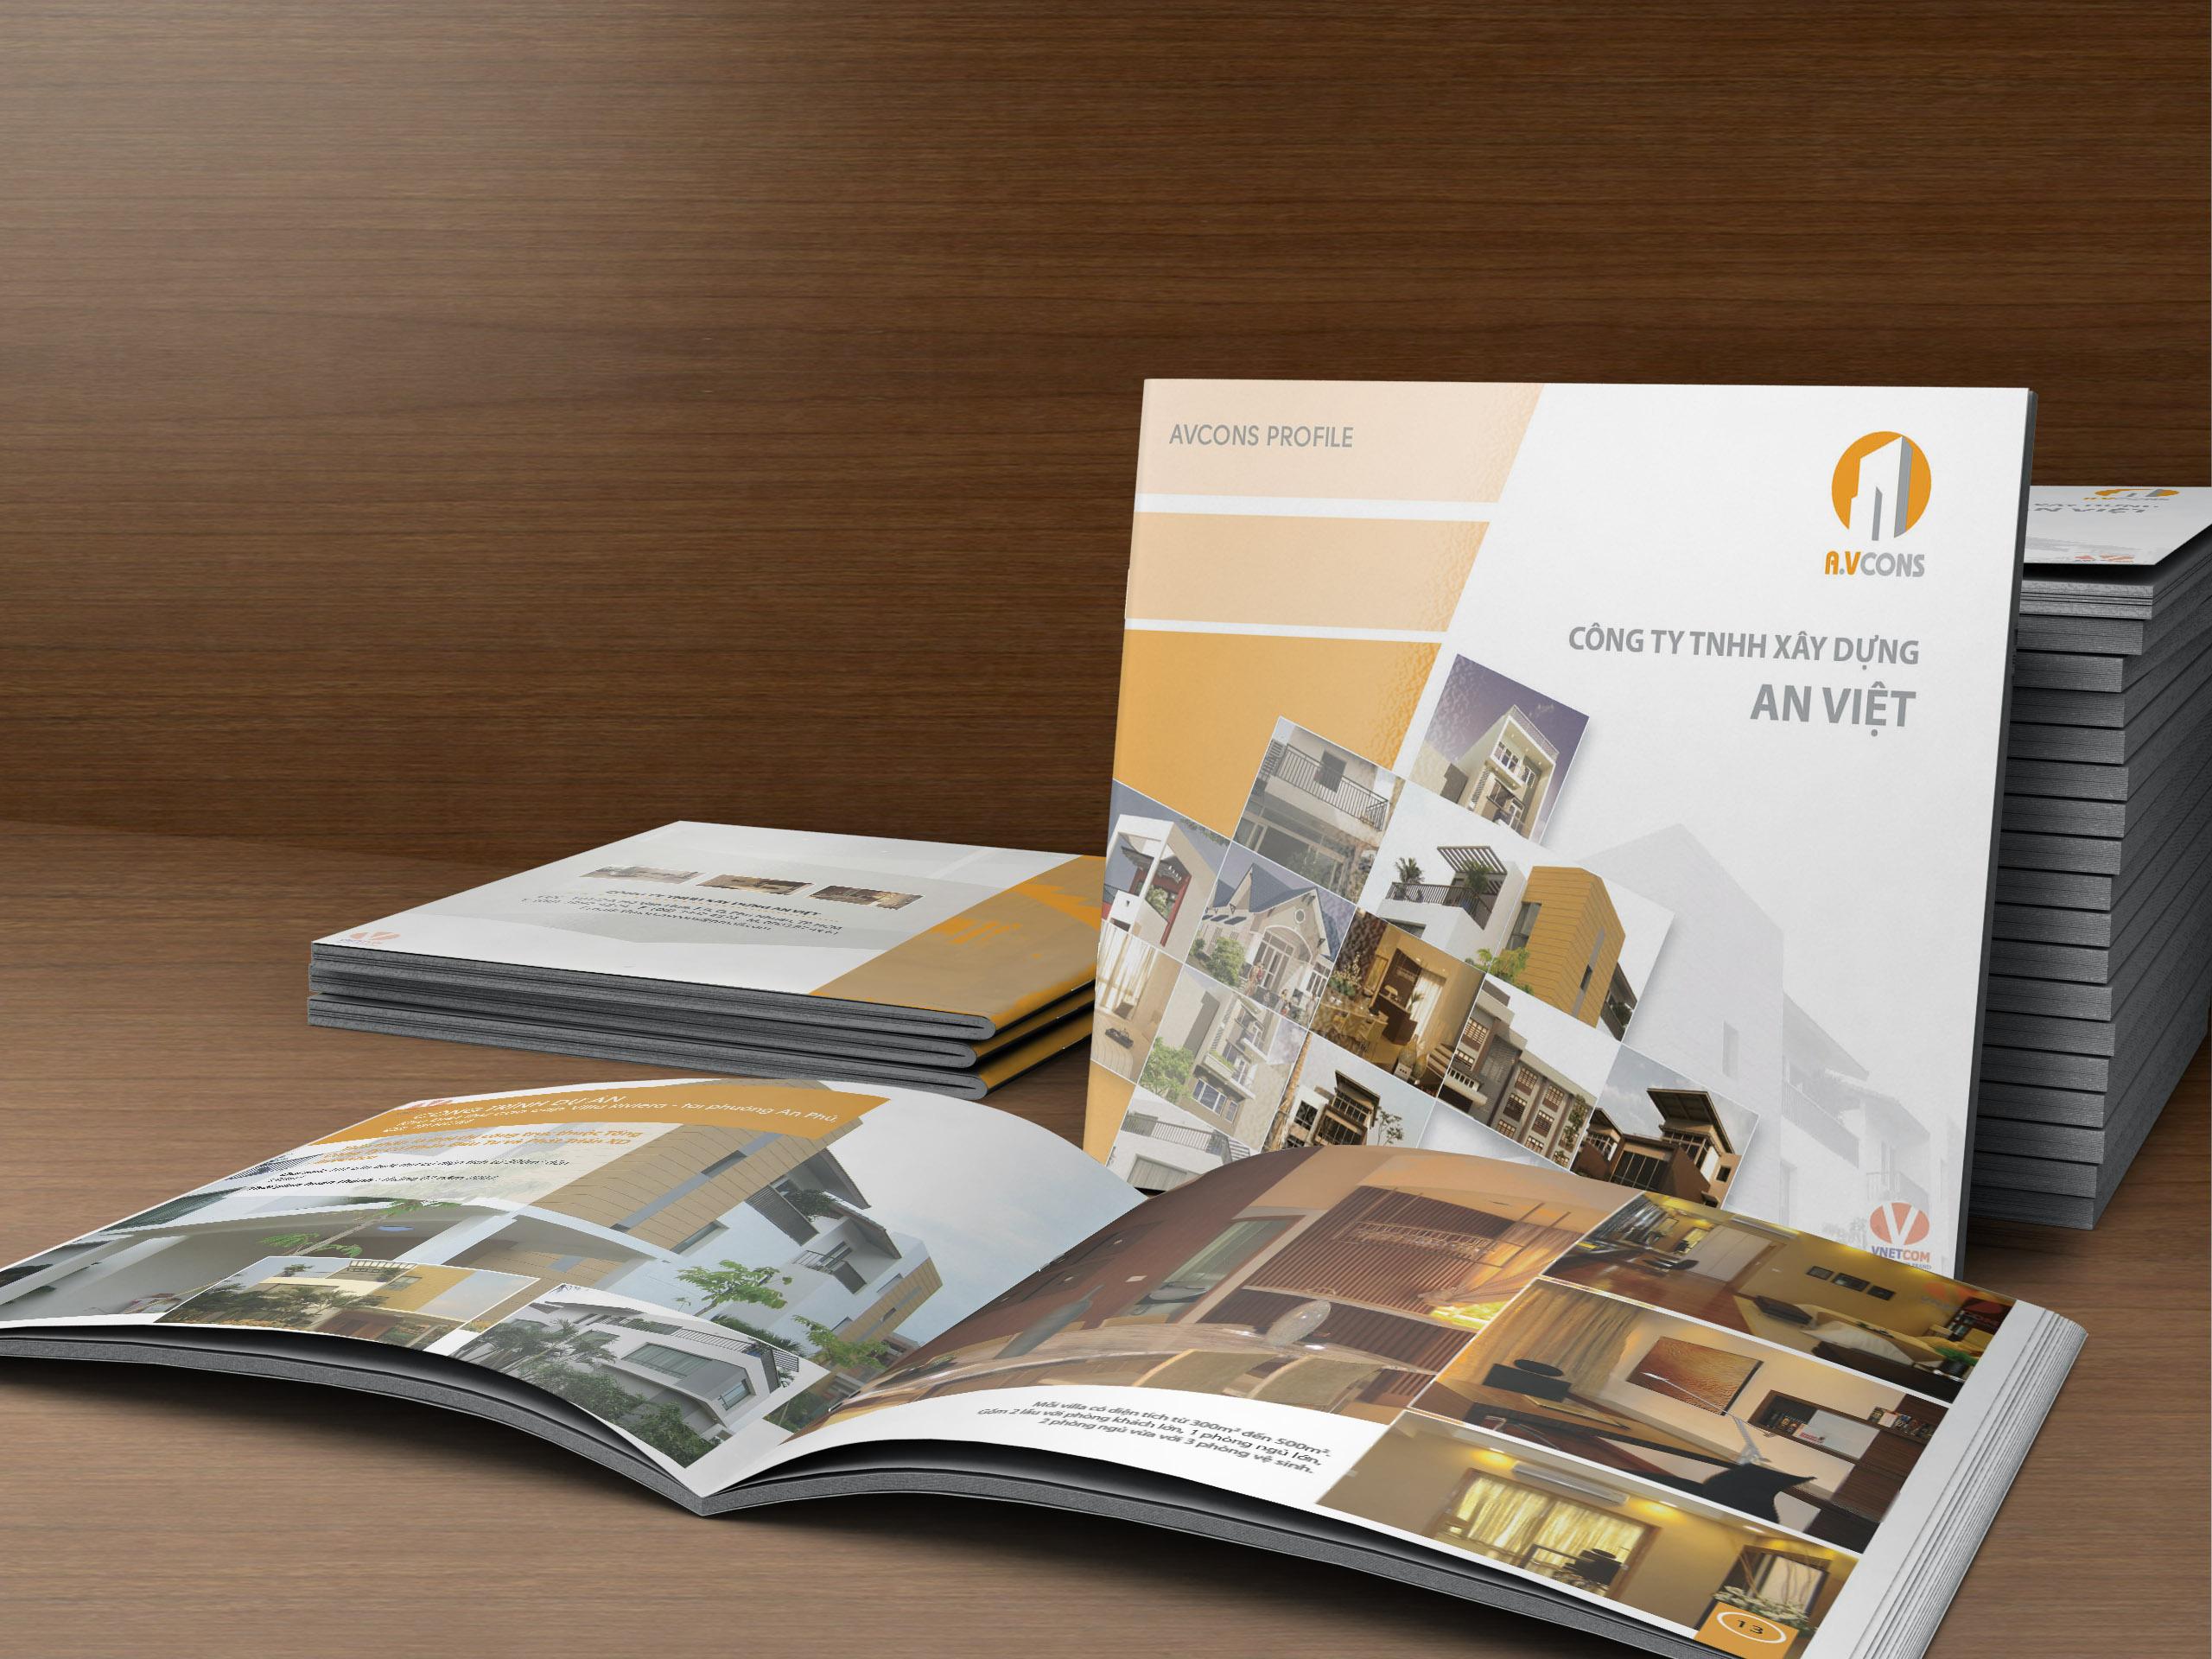 Trang bìa, logo thương hiệu phải có điểm nhấn, màu sắc ấn tượng để thu hút nhất.